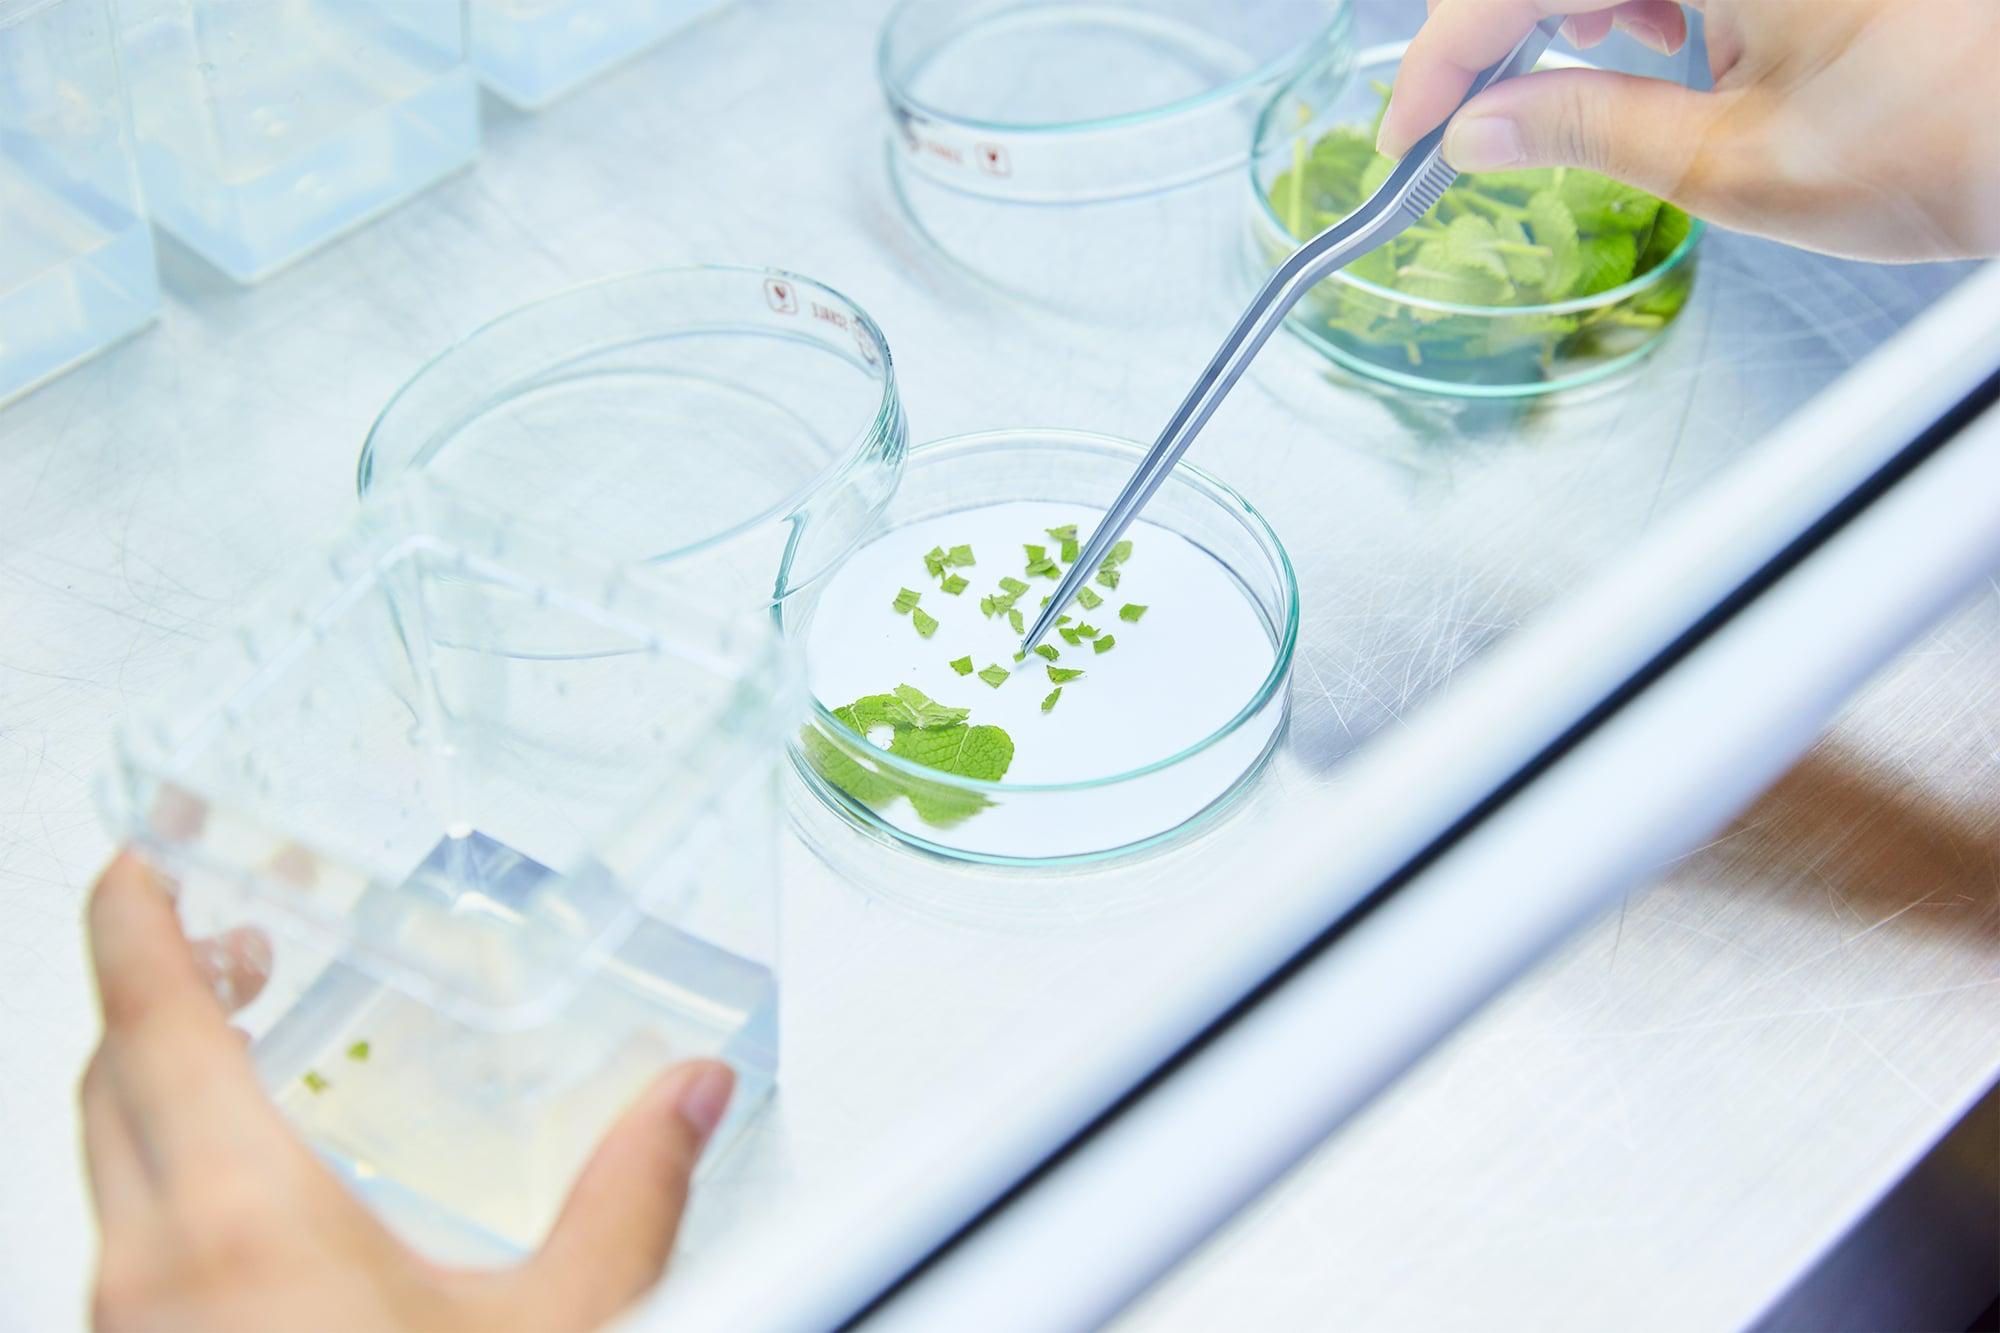 白神山地の良質な水と土によって育まれた天然の植物成分を抽出し、独自の美容成分として化粧品づくりに活用するためのバイオテクノロジー研究を行っている。